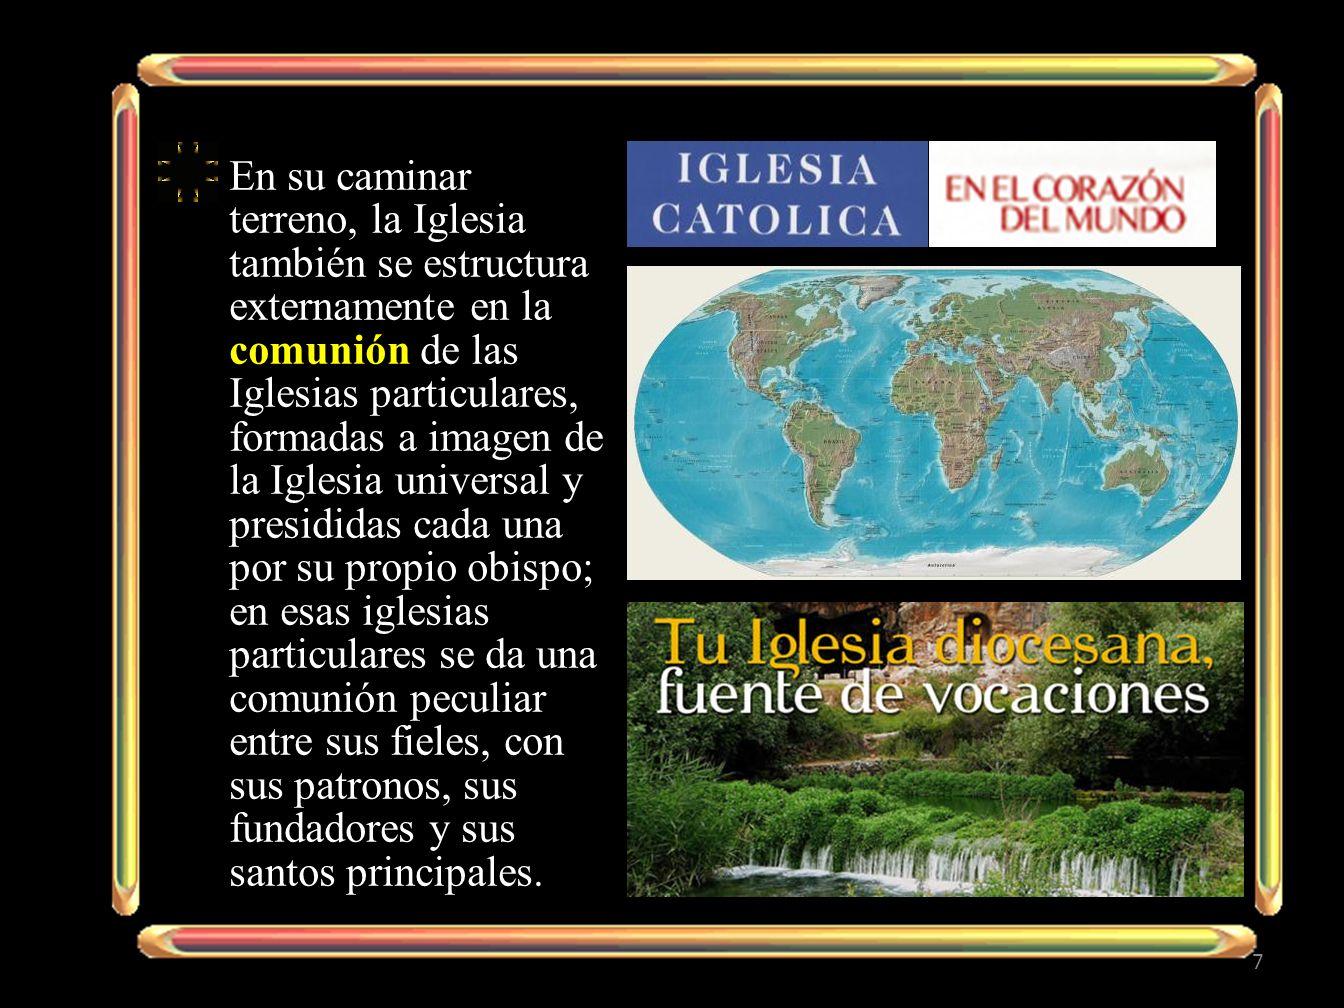 -Es el Vicario de Cristo, -cabeza del colegio de los obispos y -pastor de toda la Iglesia, -sobre la que tiene, -por institución divina, -la potestad plena, -suprema, -inmediata y - universal.